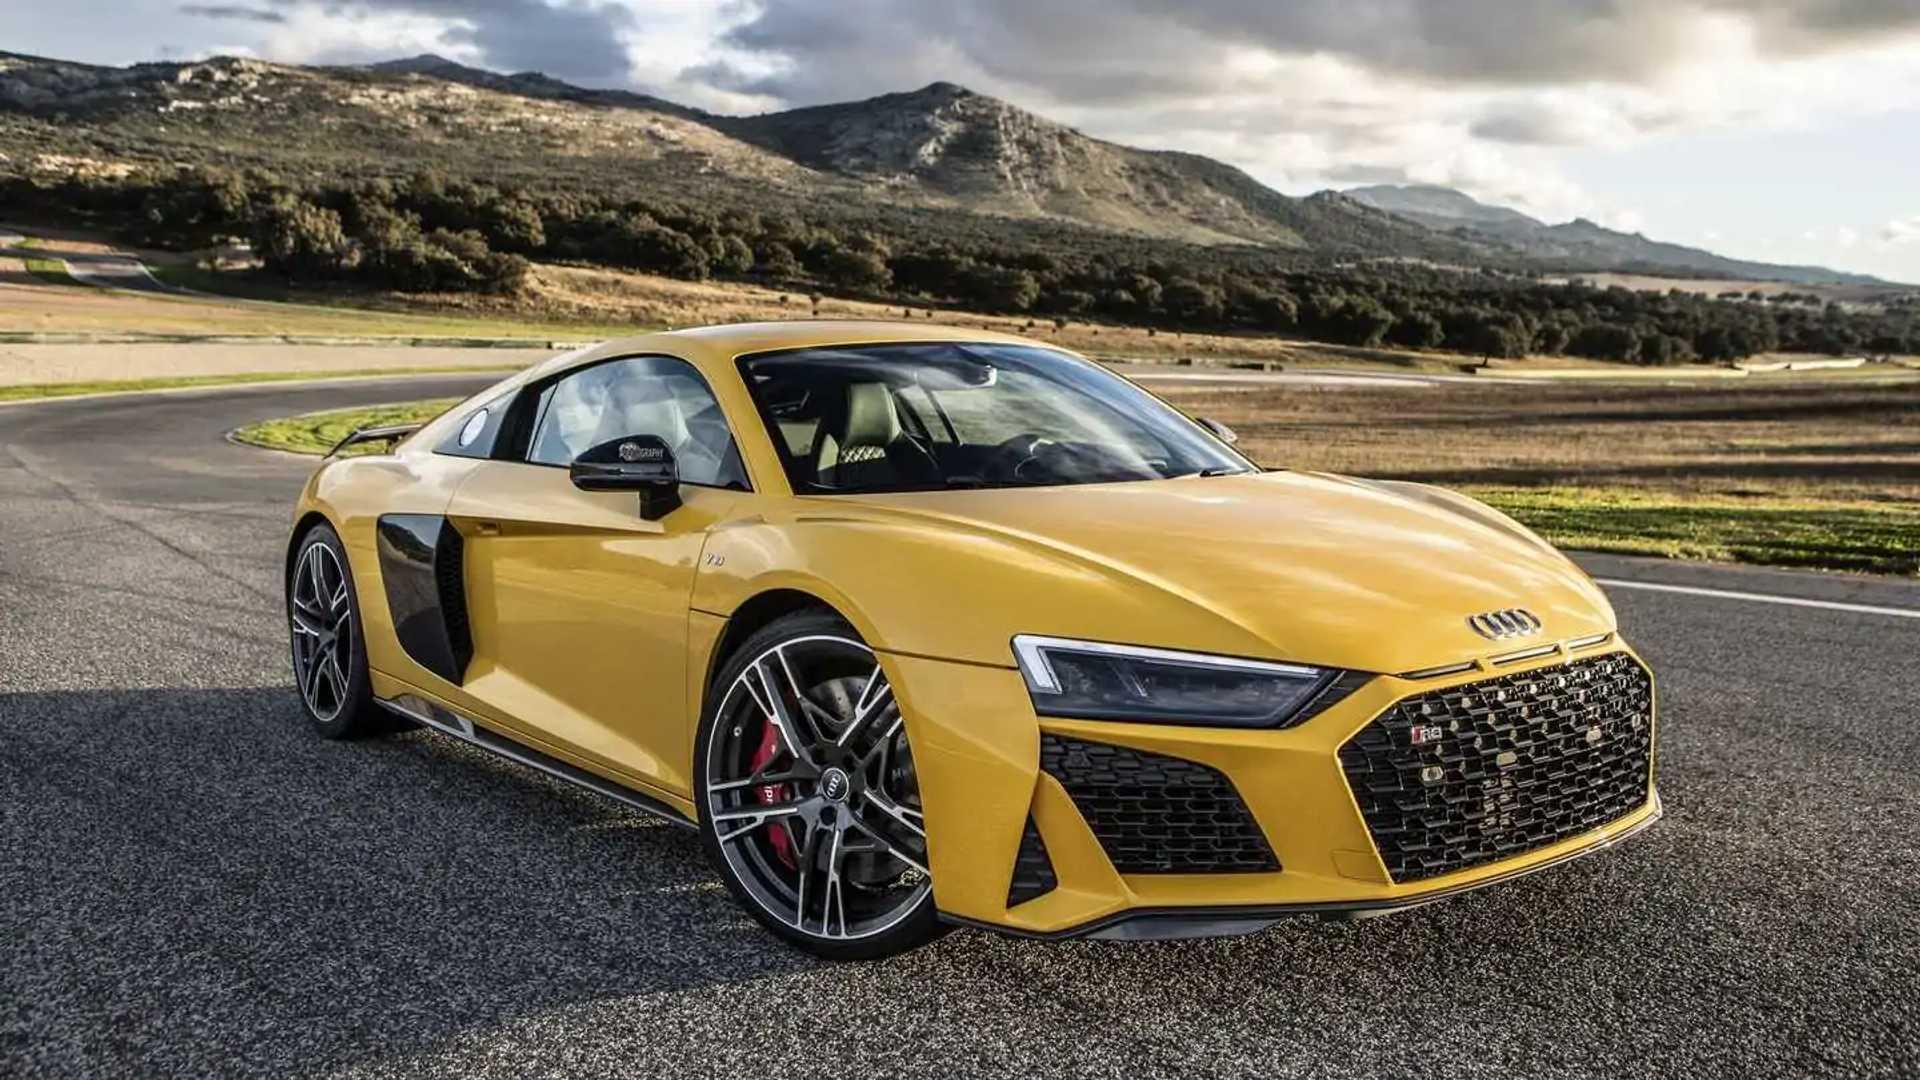 Kelebihan Kekurangan Audi R8 V10 2019 Top Model Tahun Ini